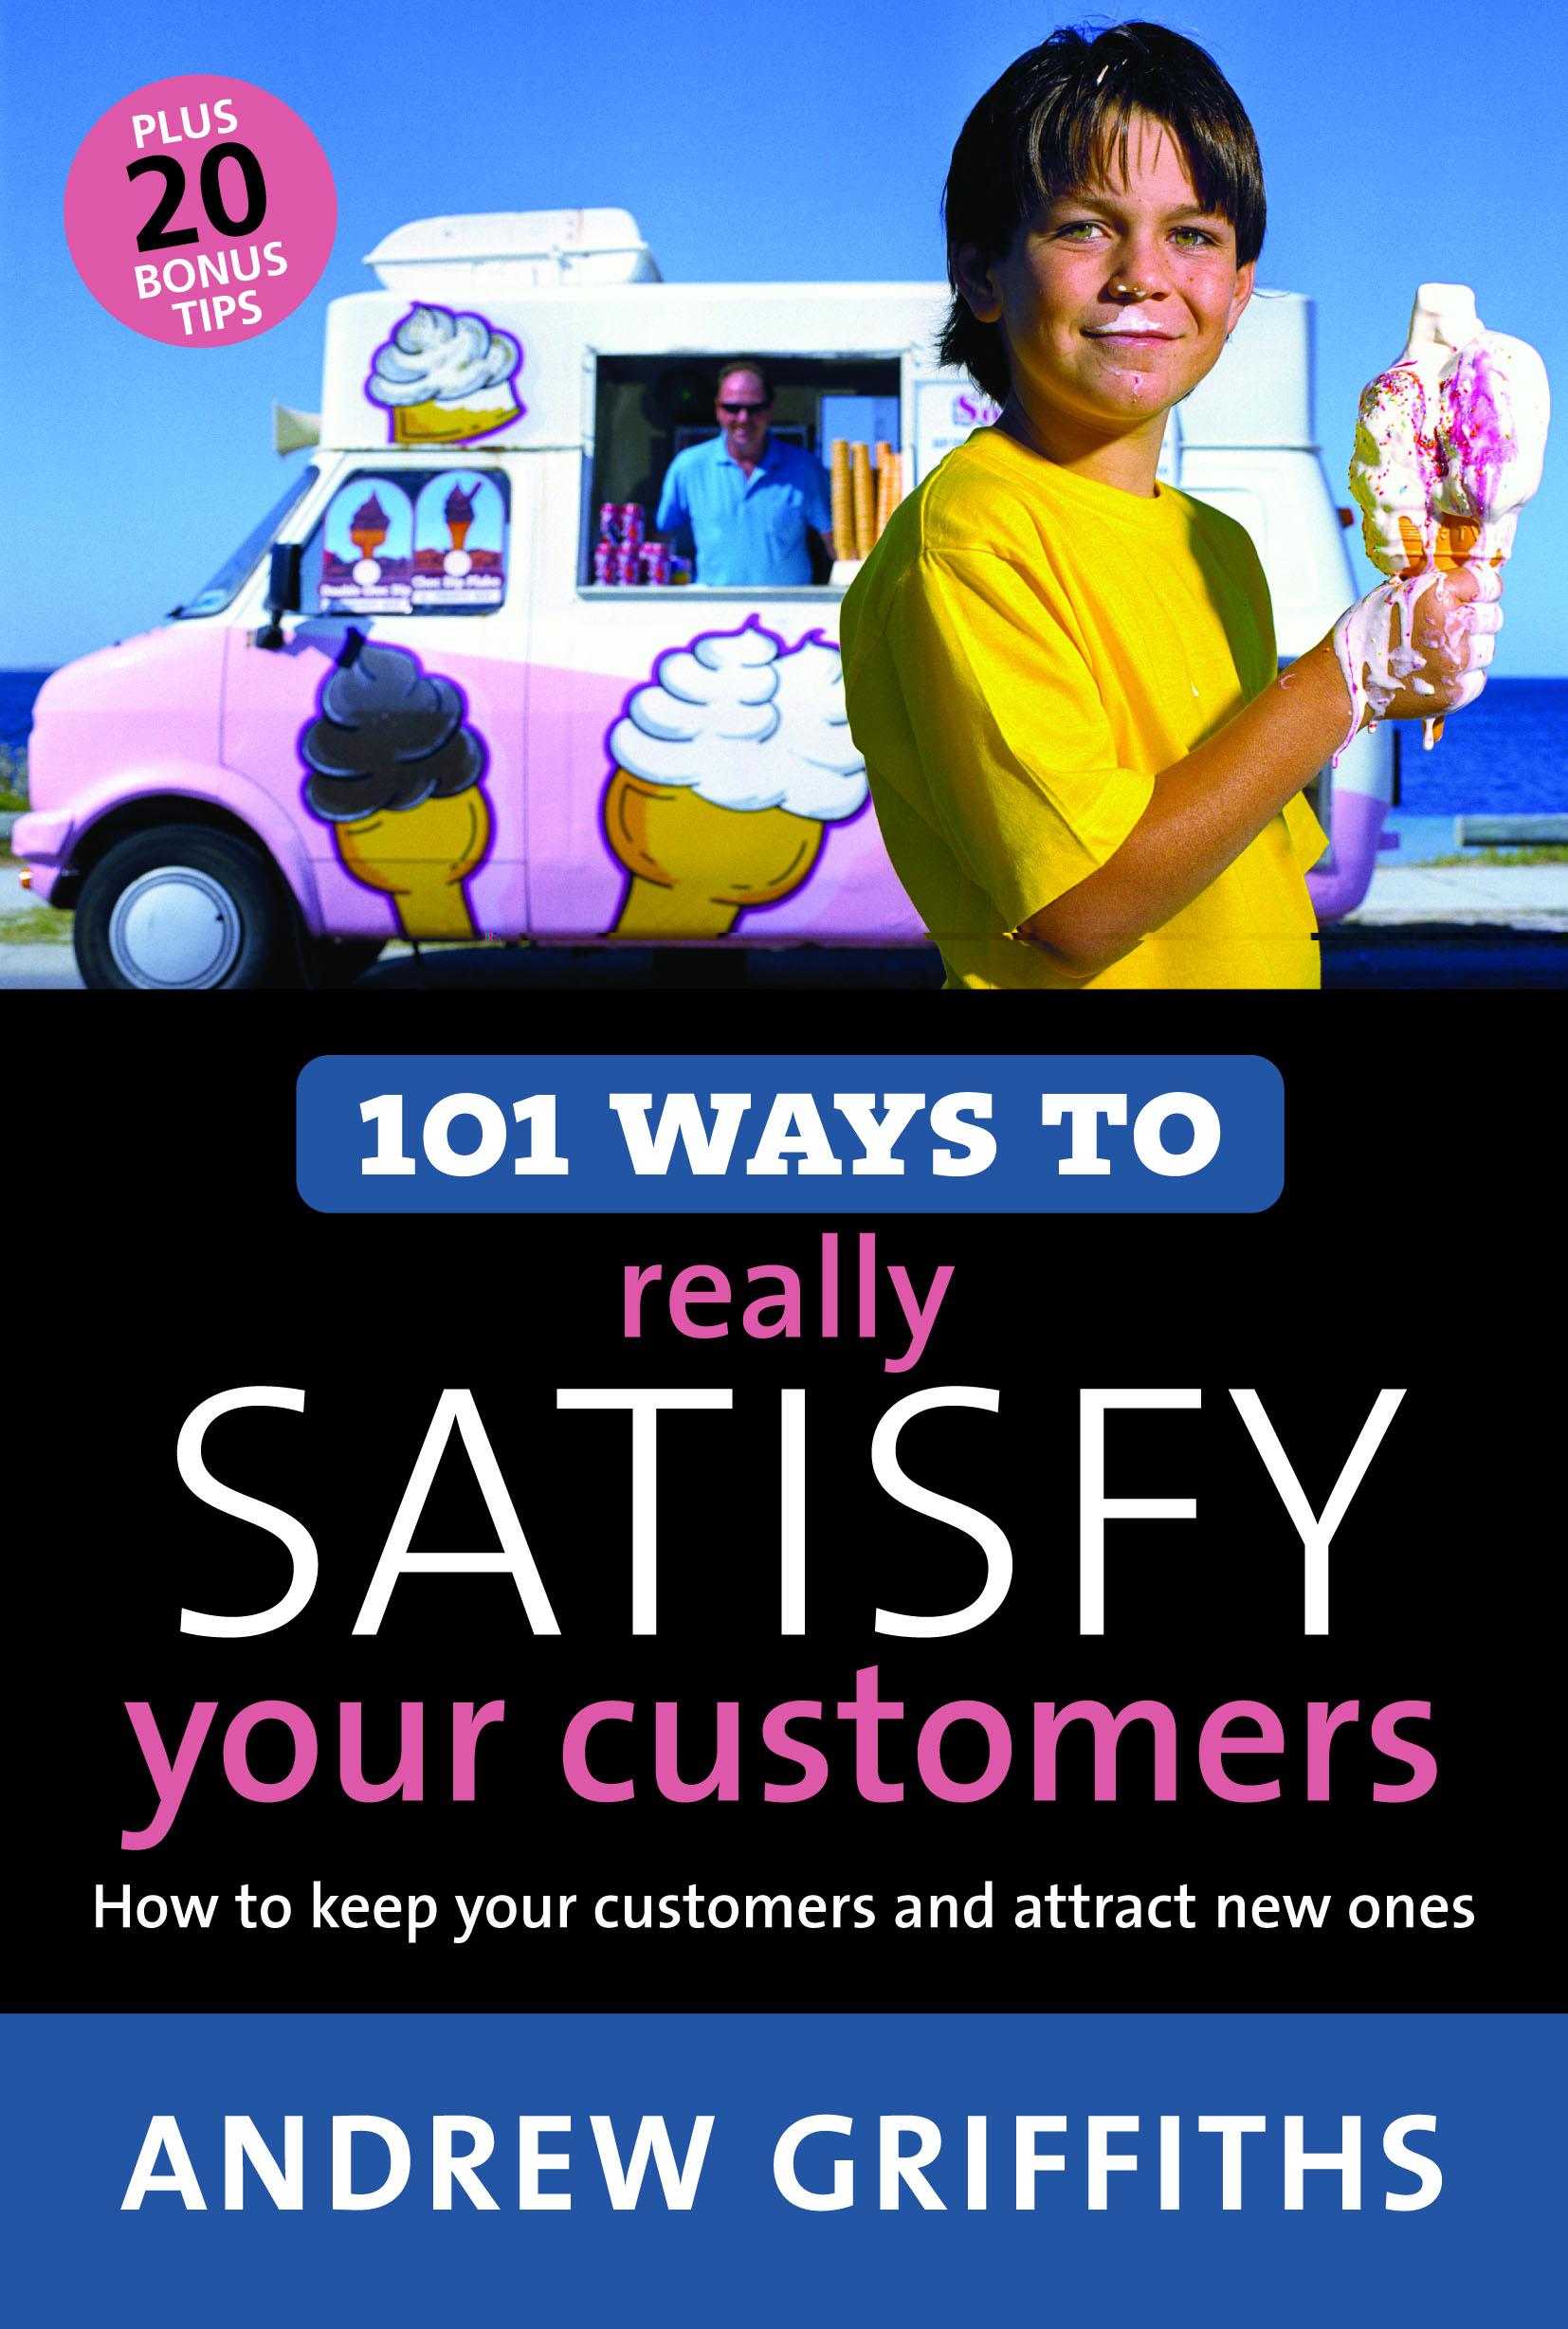 101 Ways to Satisfy.jpg